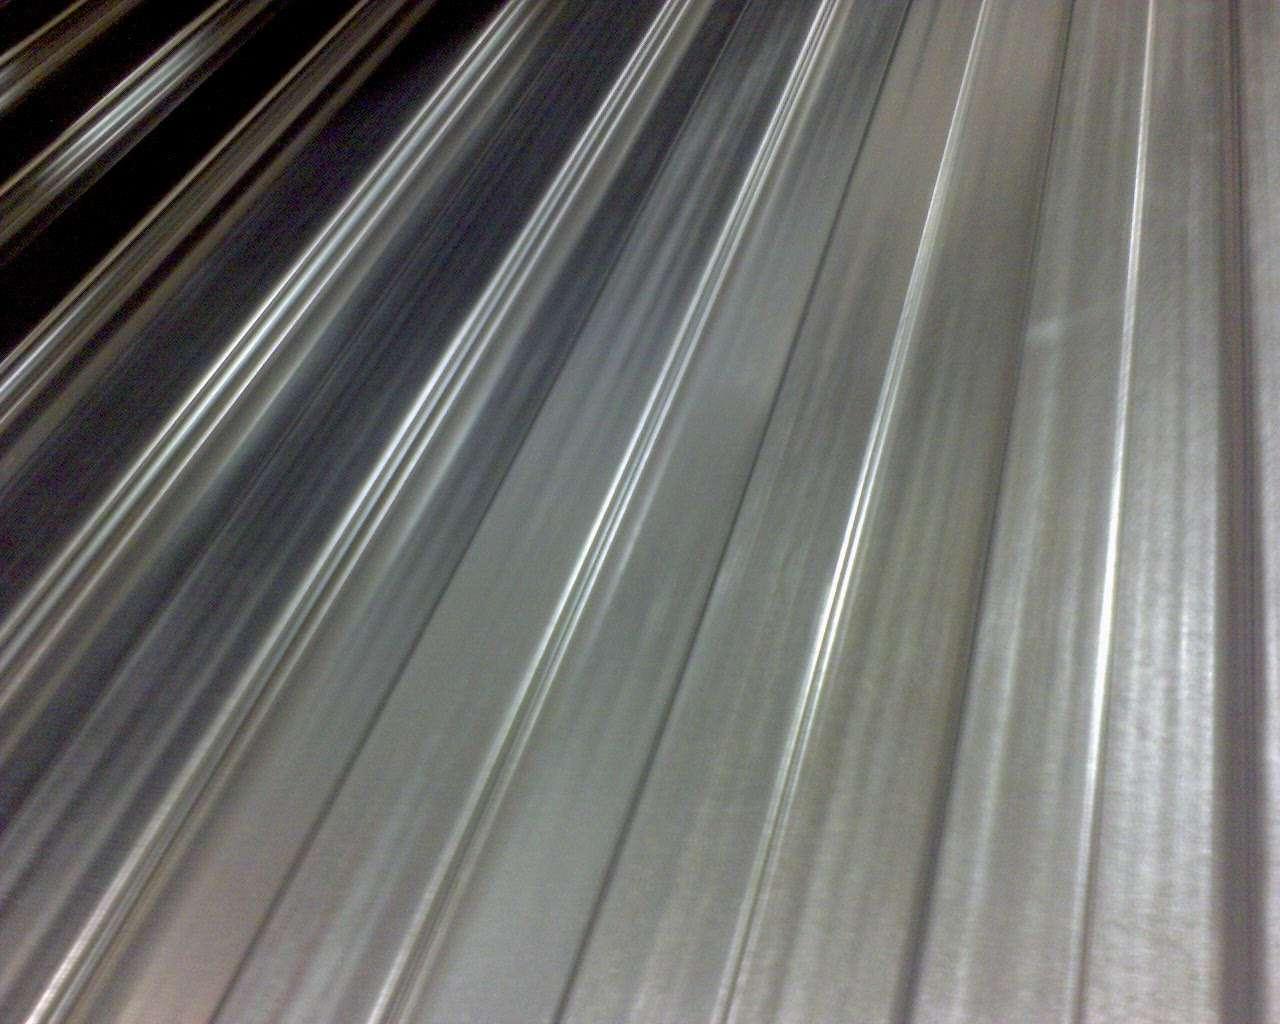 Ce profilé d'aluminium peut être utilisé pour la couverture, par exemple. © Rutger Middendorp, CC BY-NC-ND 2.0, Flickr